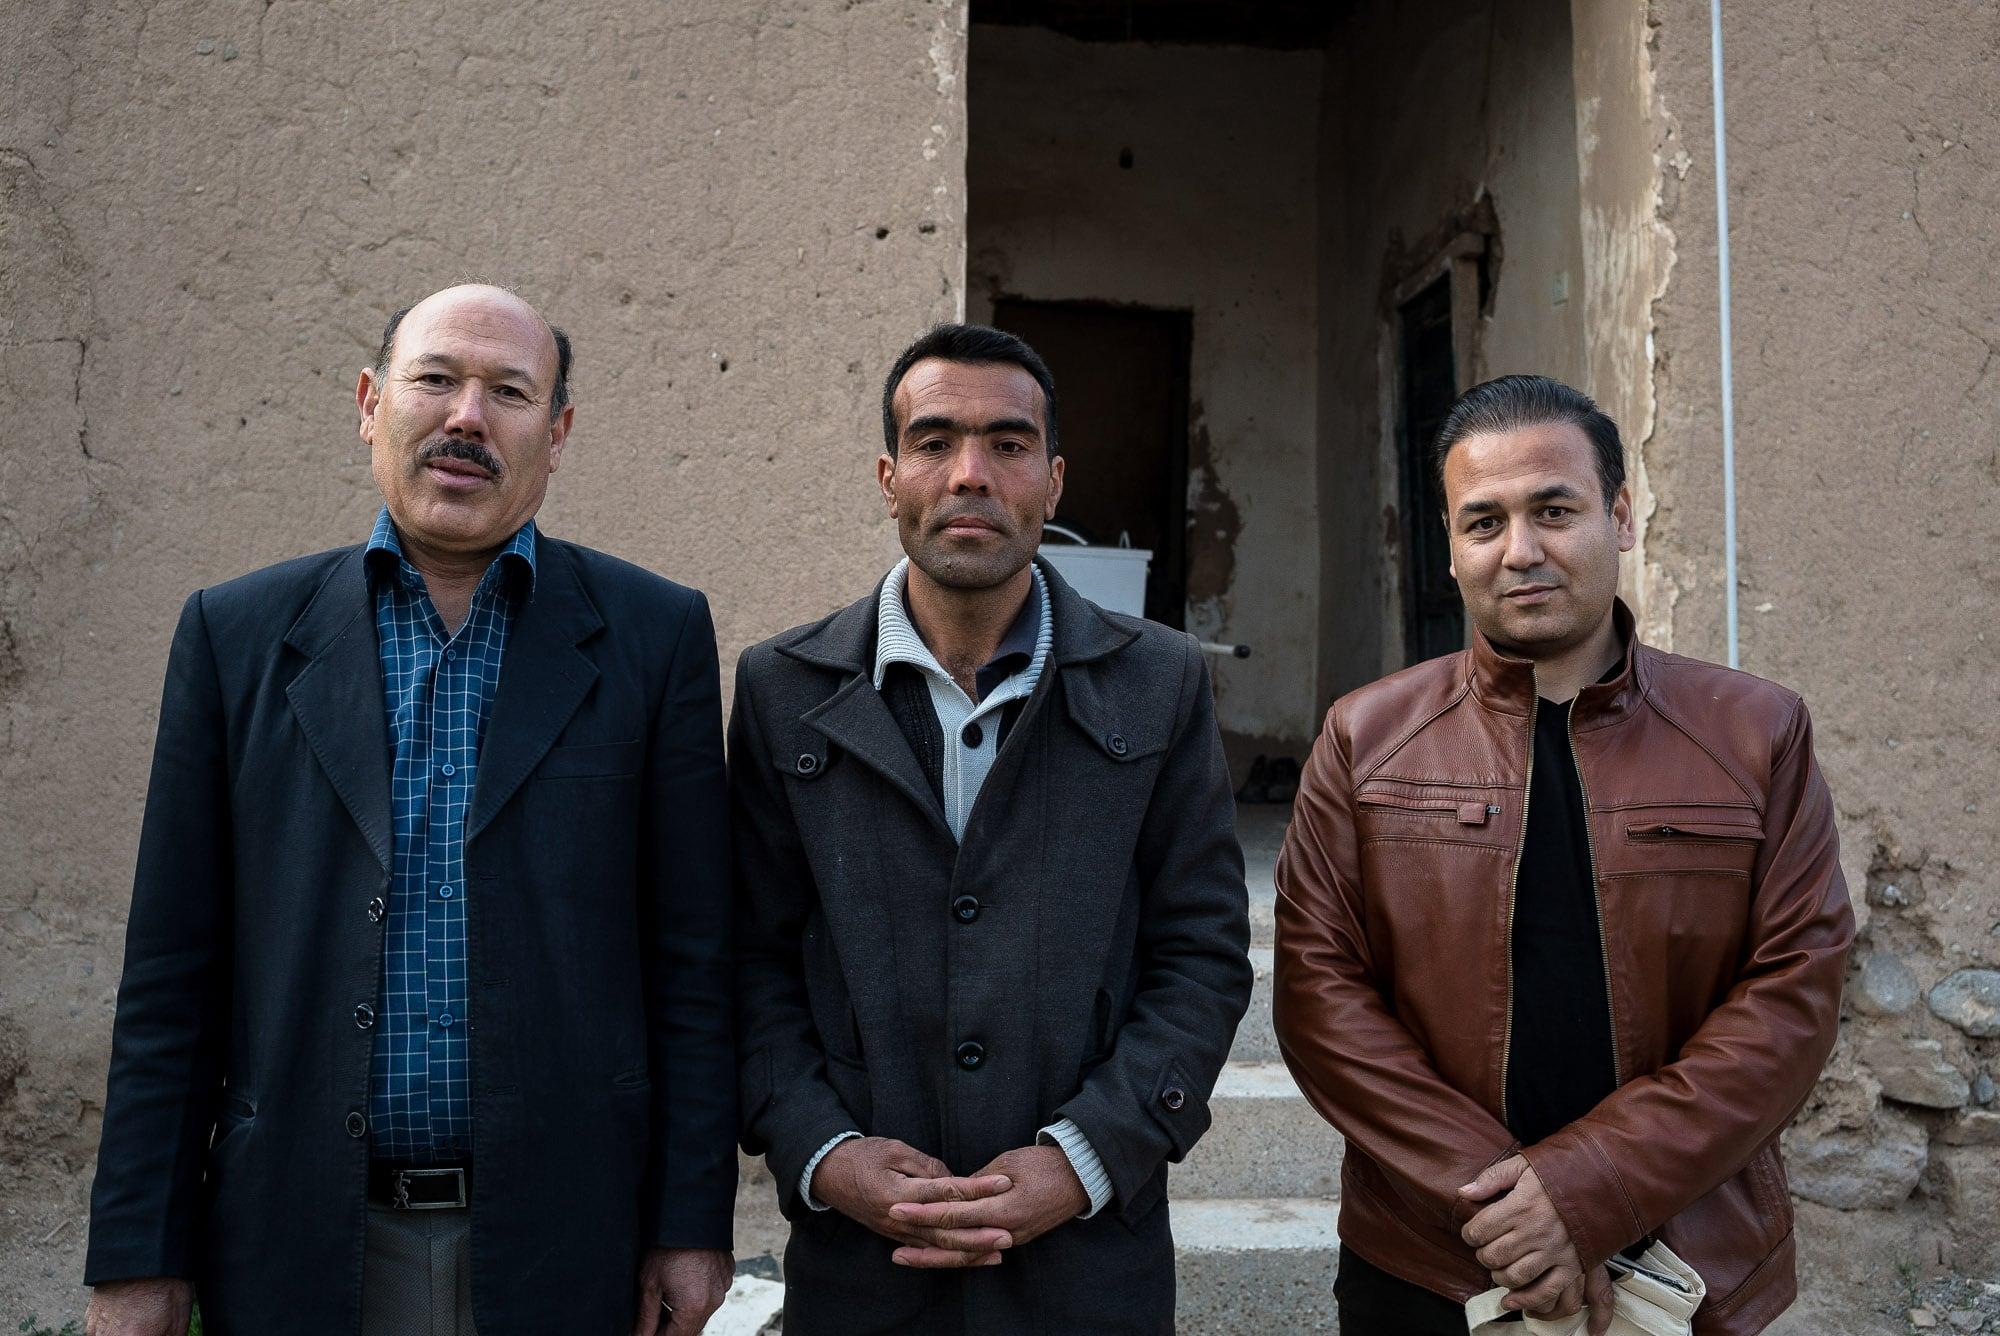 Mohammed, Mustafa, Ali